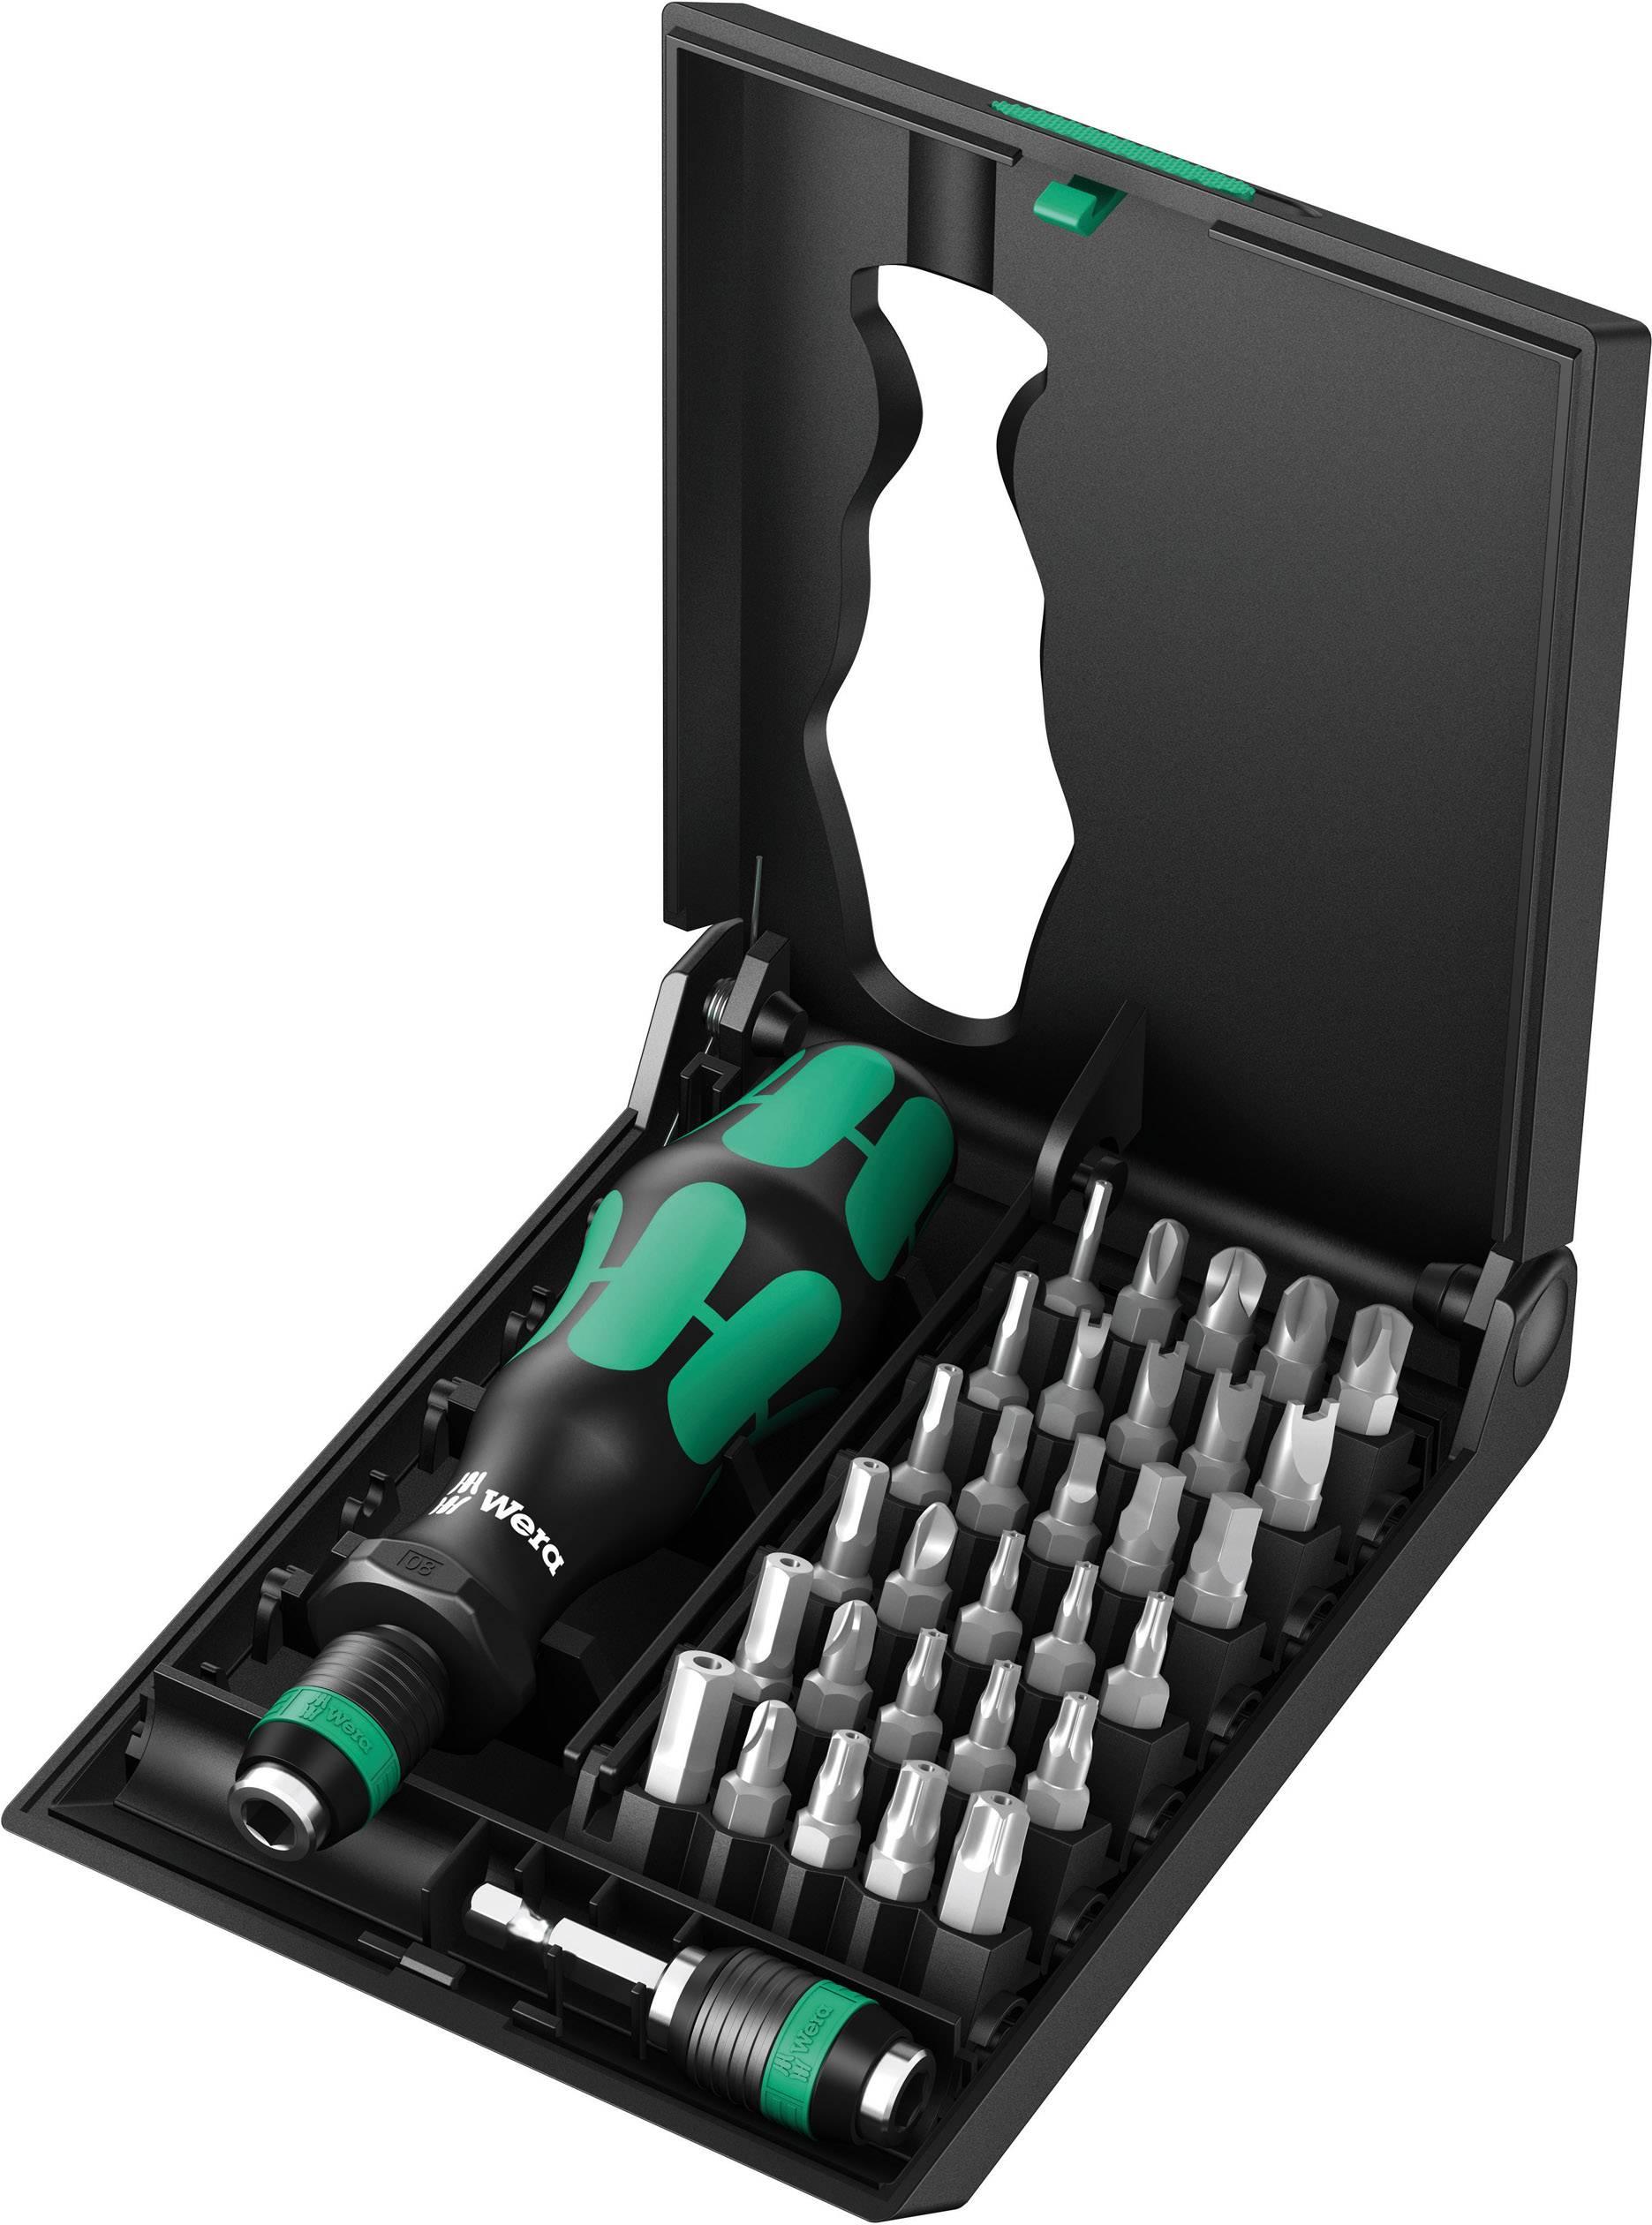 Sada bitov Wera Kraftform Kompakt 71 Security, 05057111001, 32-dielna, nástrojová oceľ